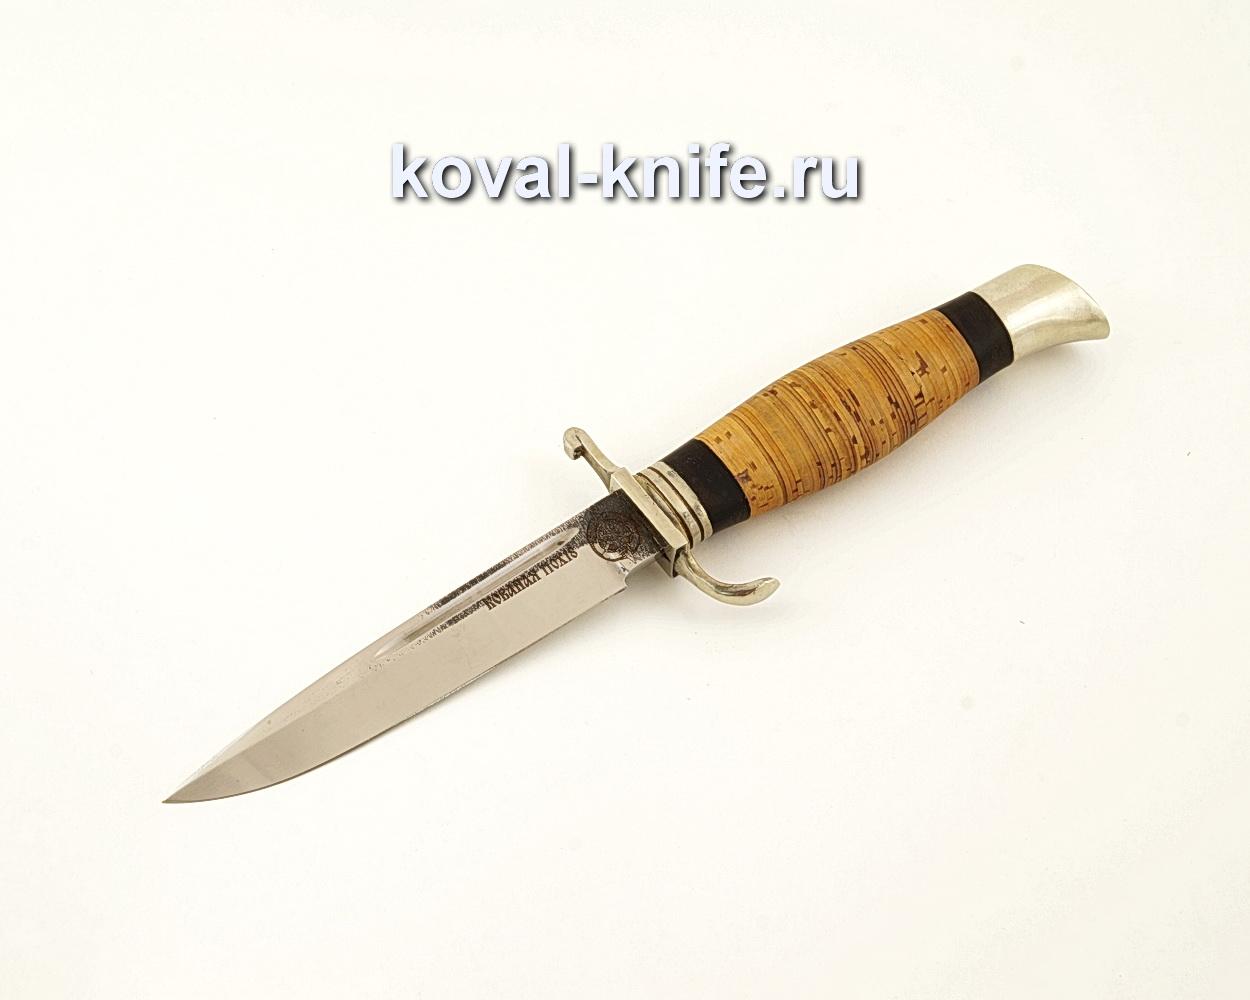 Нож финка НКВД из кованой стали 110Х18 с рукоятью из бересты  A615